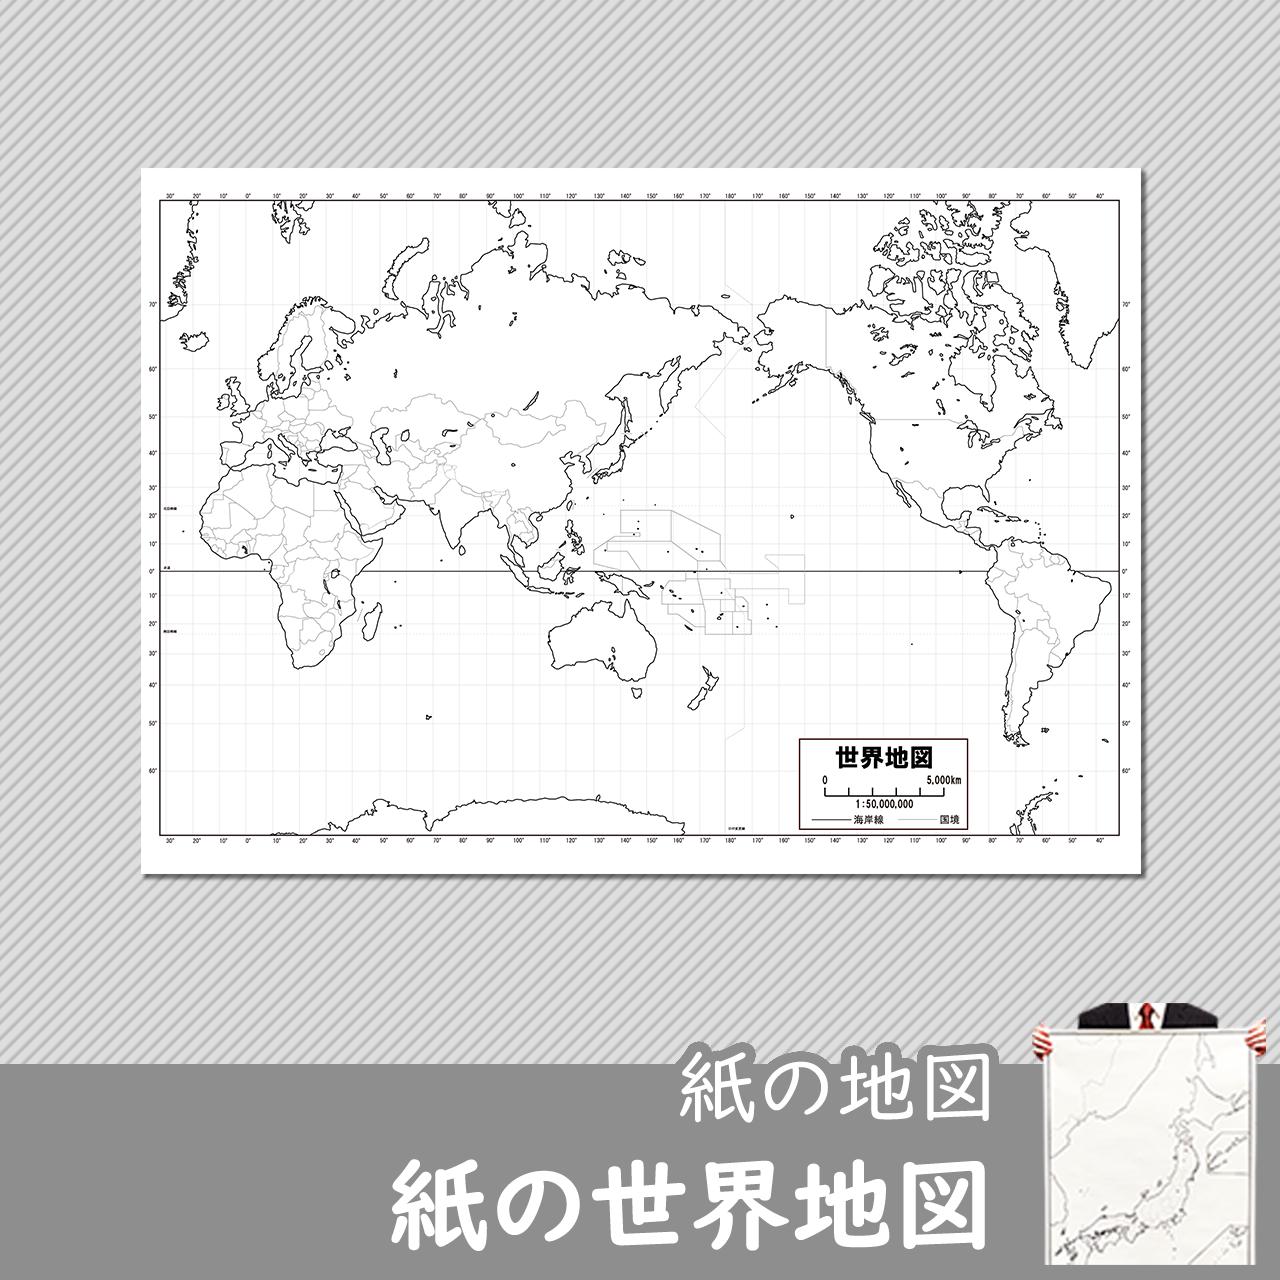 世界地図の白地図を無料ダウンロード 白地図専門店